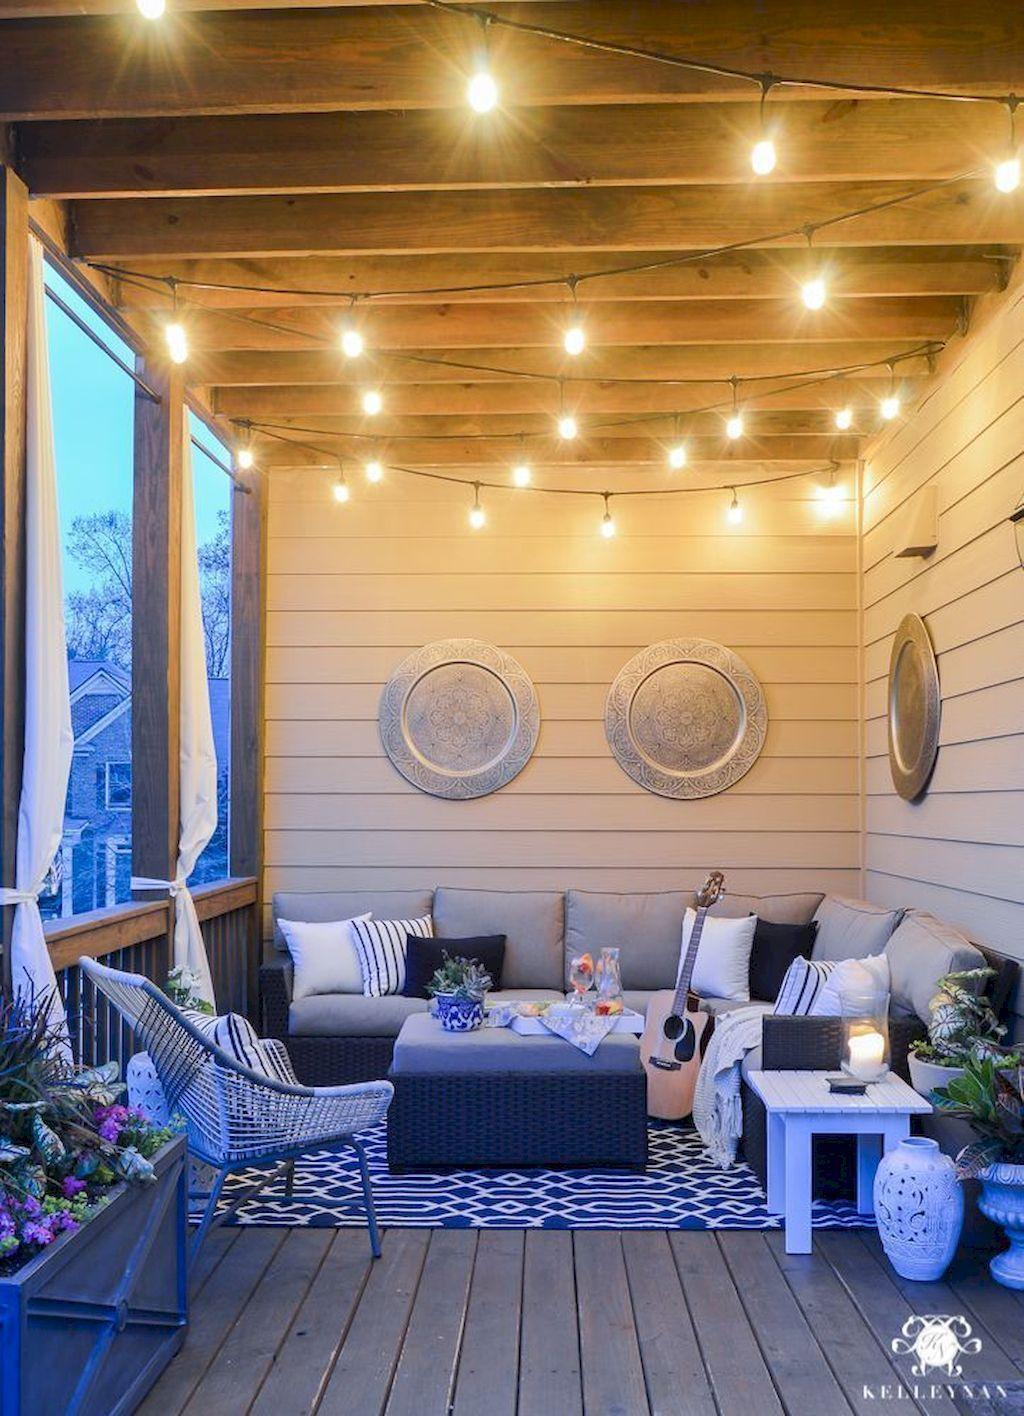 Vor und nach der renovierung des hauses amazing backyard garden ideas with inspirations pictures